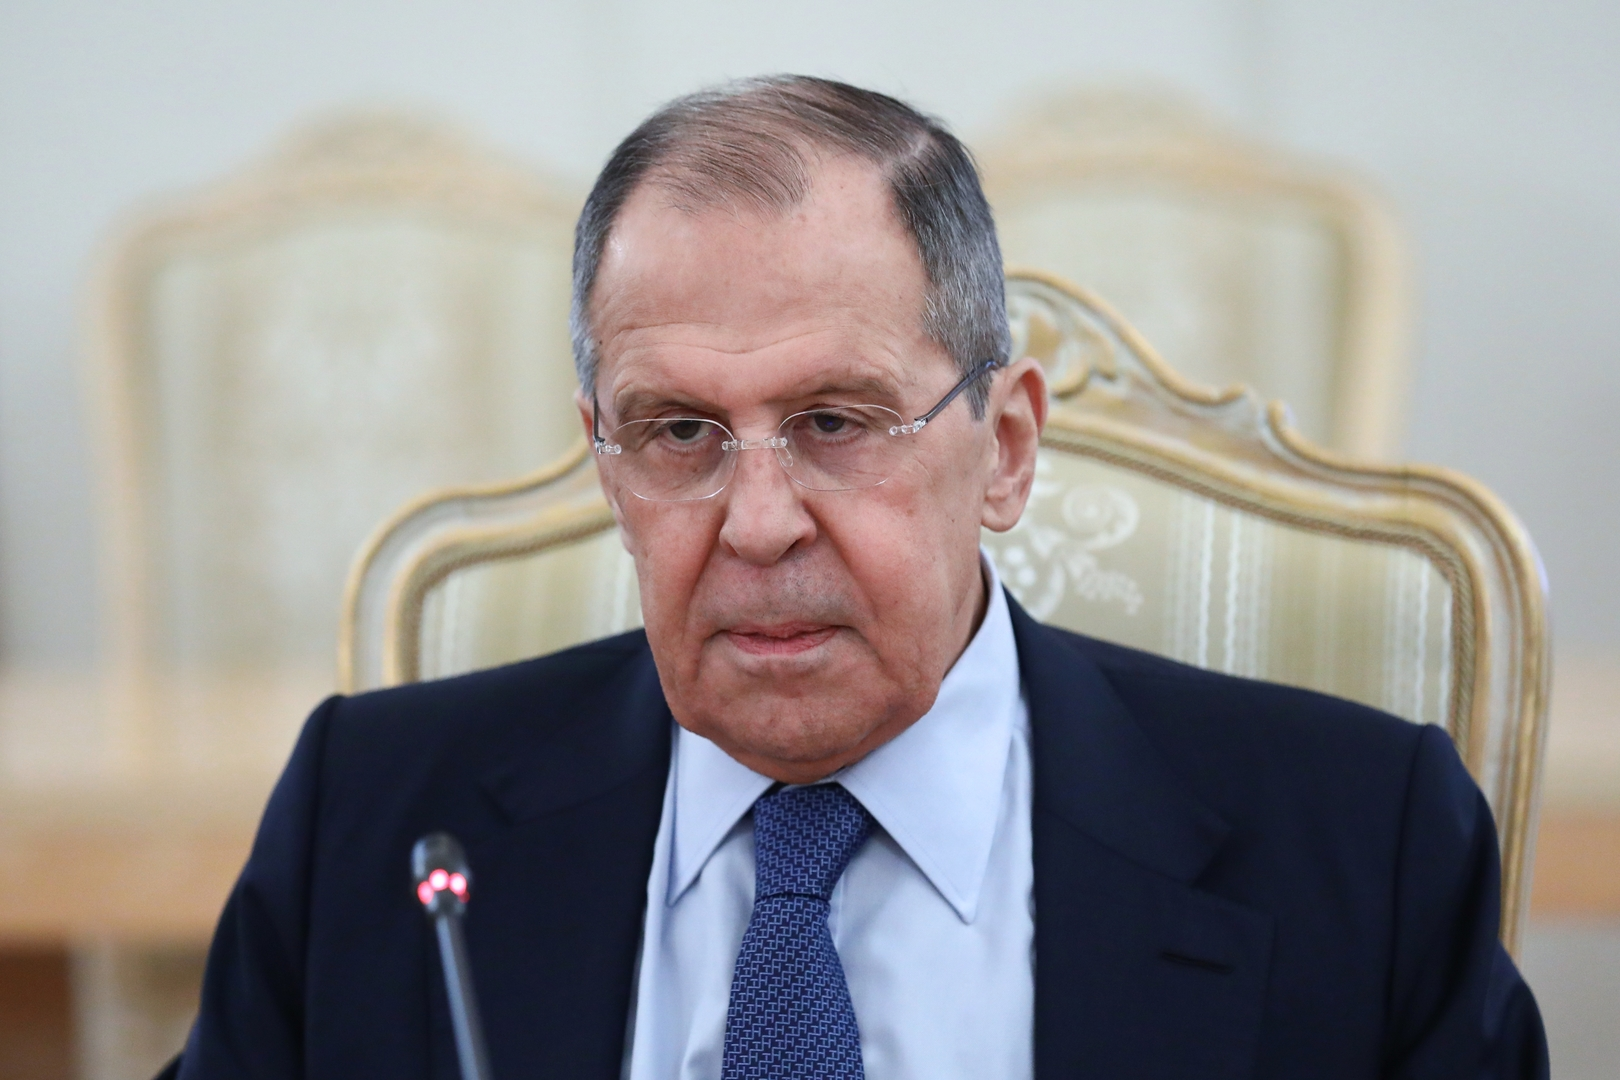 لافروف: نقدر إيجابيا مقترح بايدن لعقد قمة مع بوتين وندرس هذه المبادرة